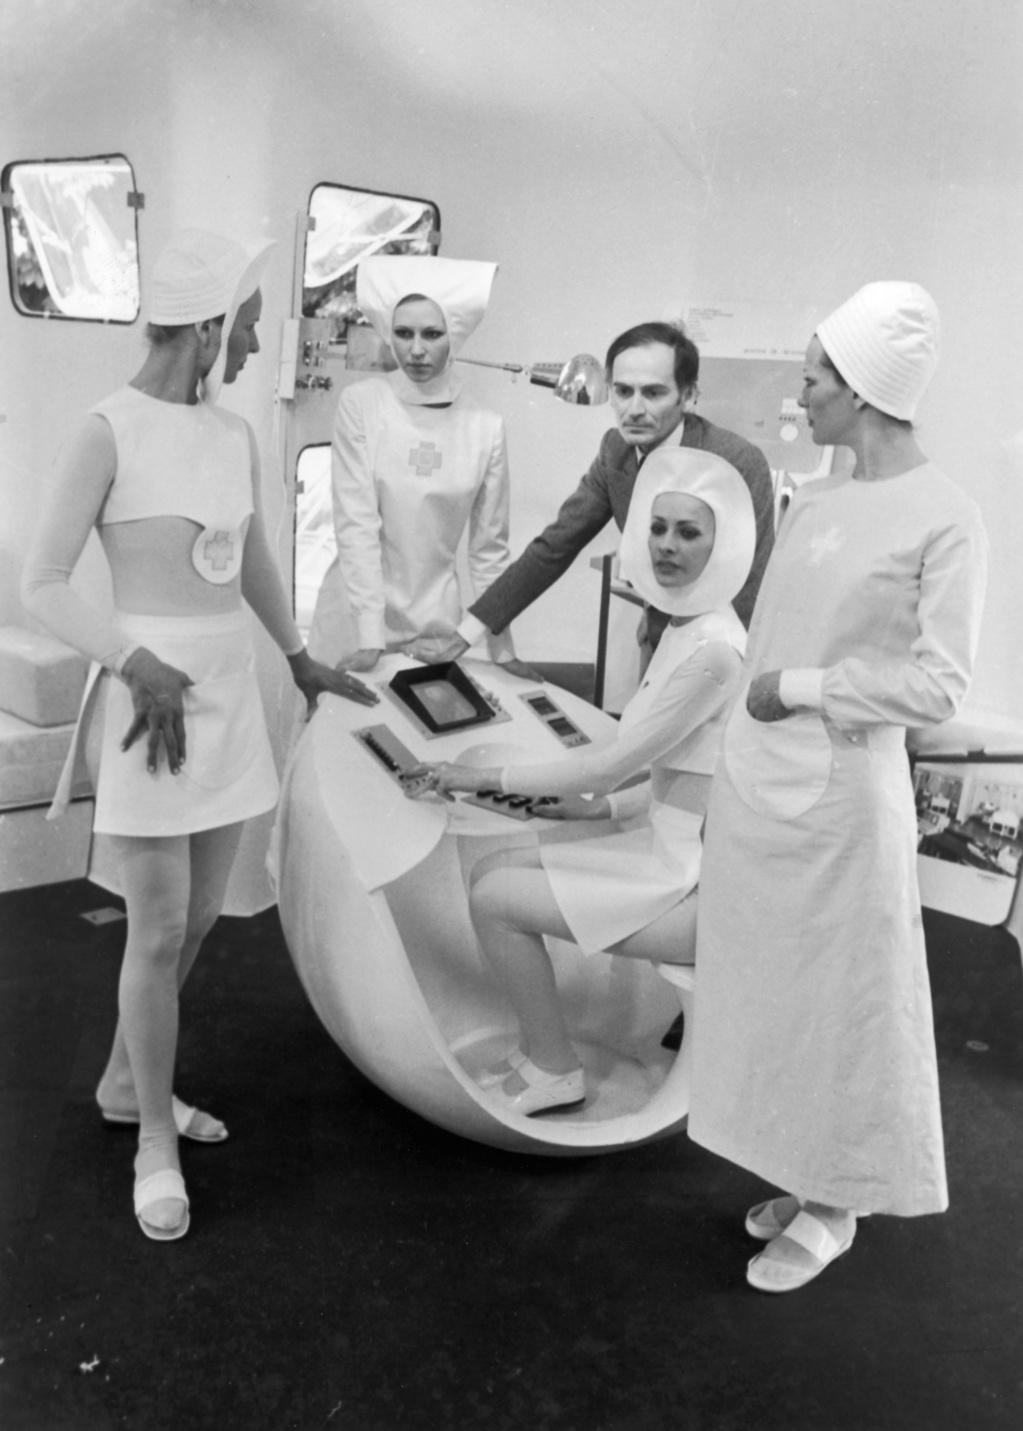 Une garde-robe futuriste. , Getty